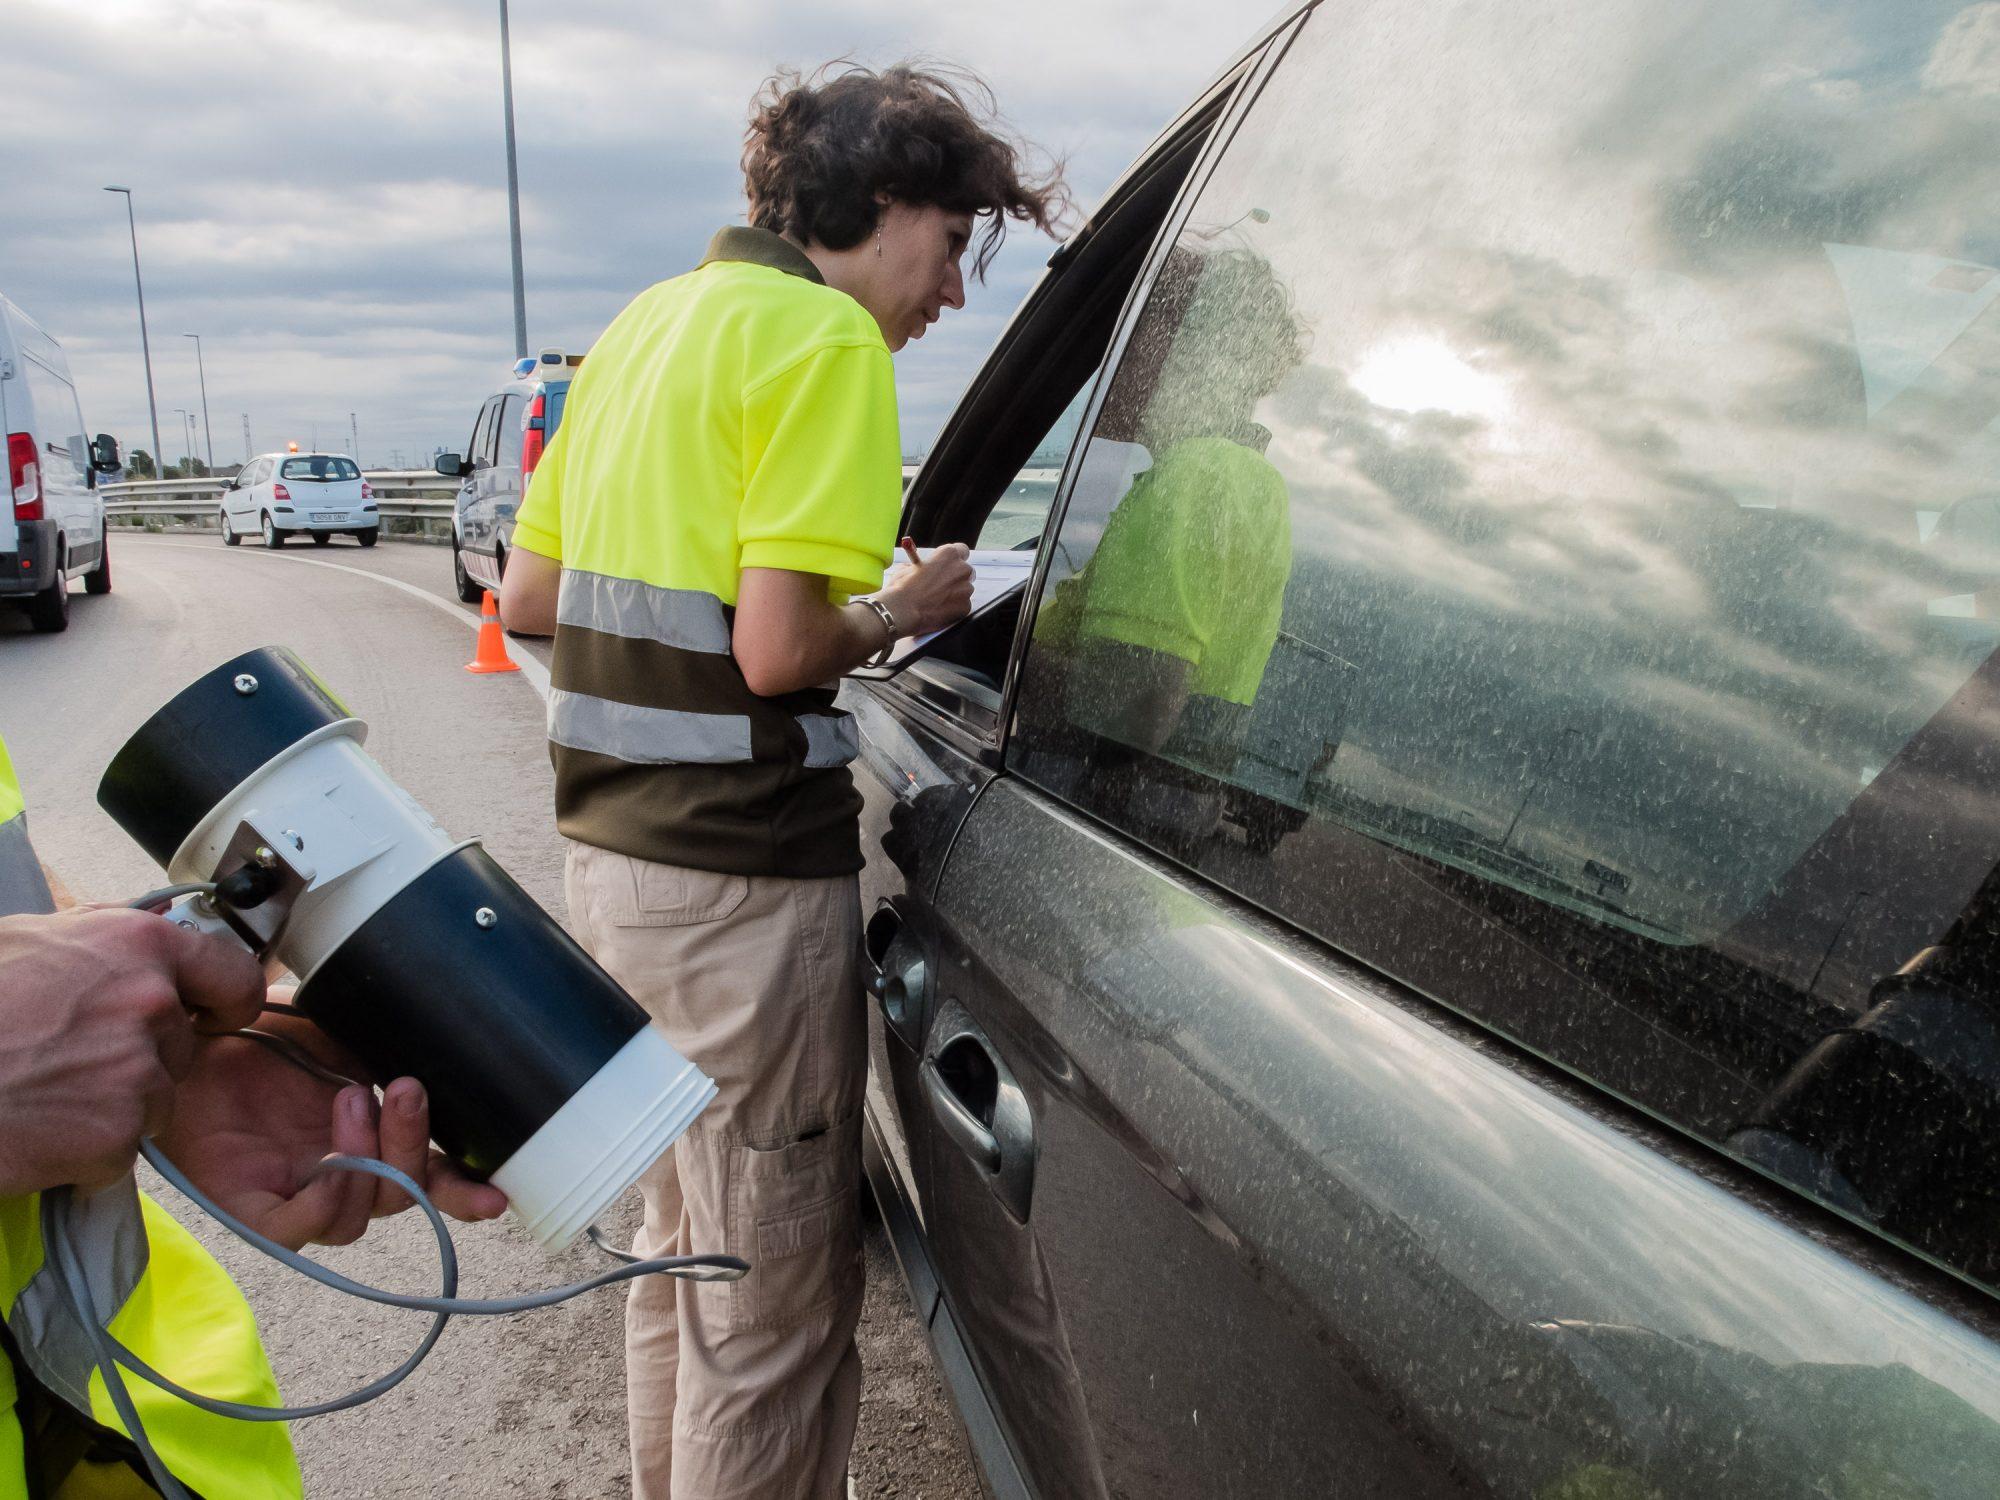 Técnicos del Servei de Control de Mosquits de Baix Llobregat inspeccionando vehículos en un peaje con los Mossos. Autor: Consell Comarcal Baix Llobregat